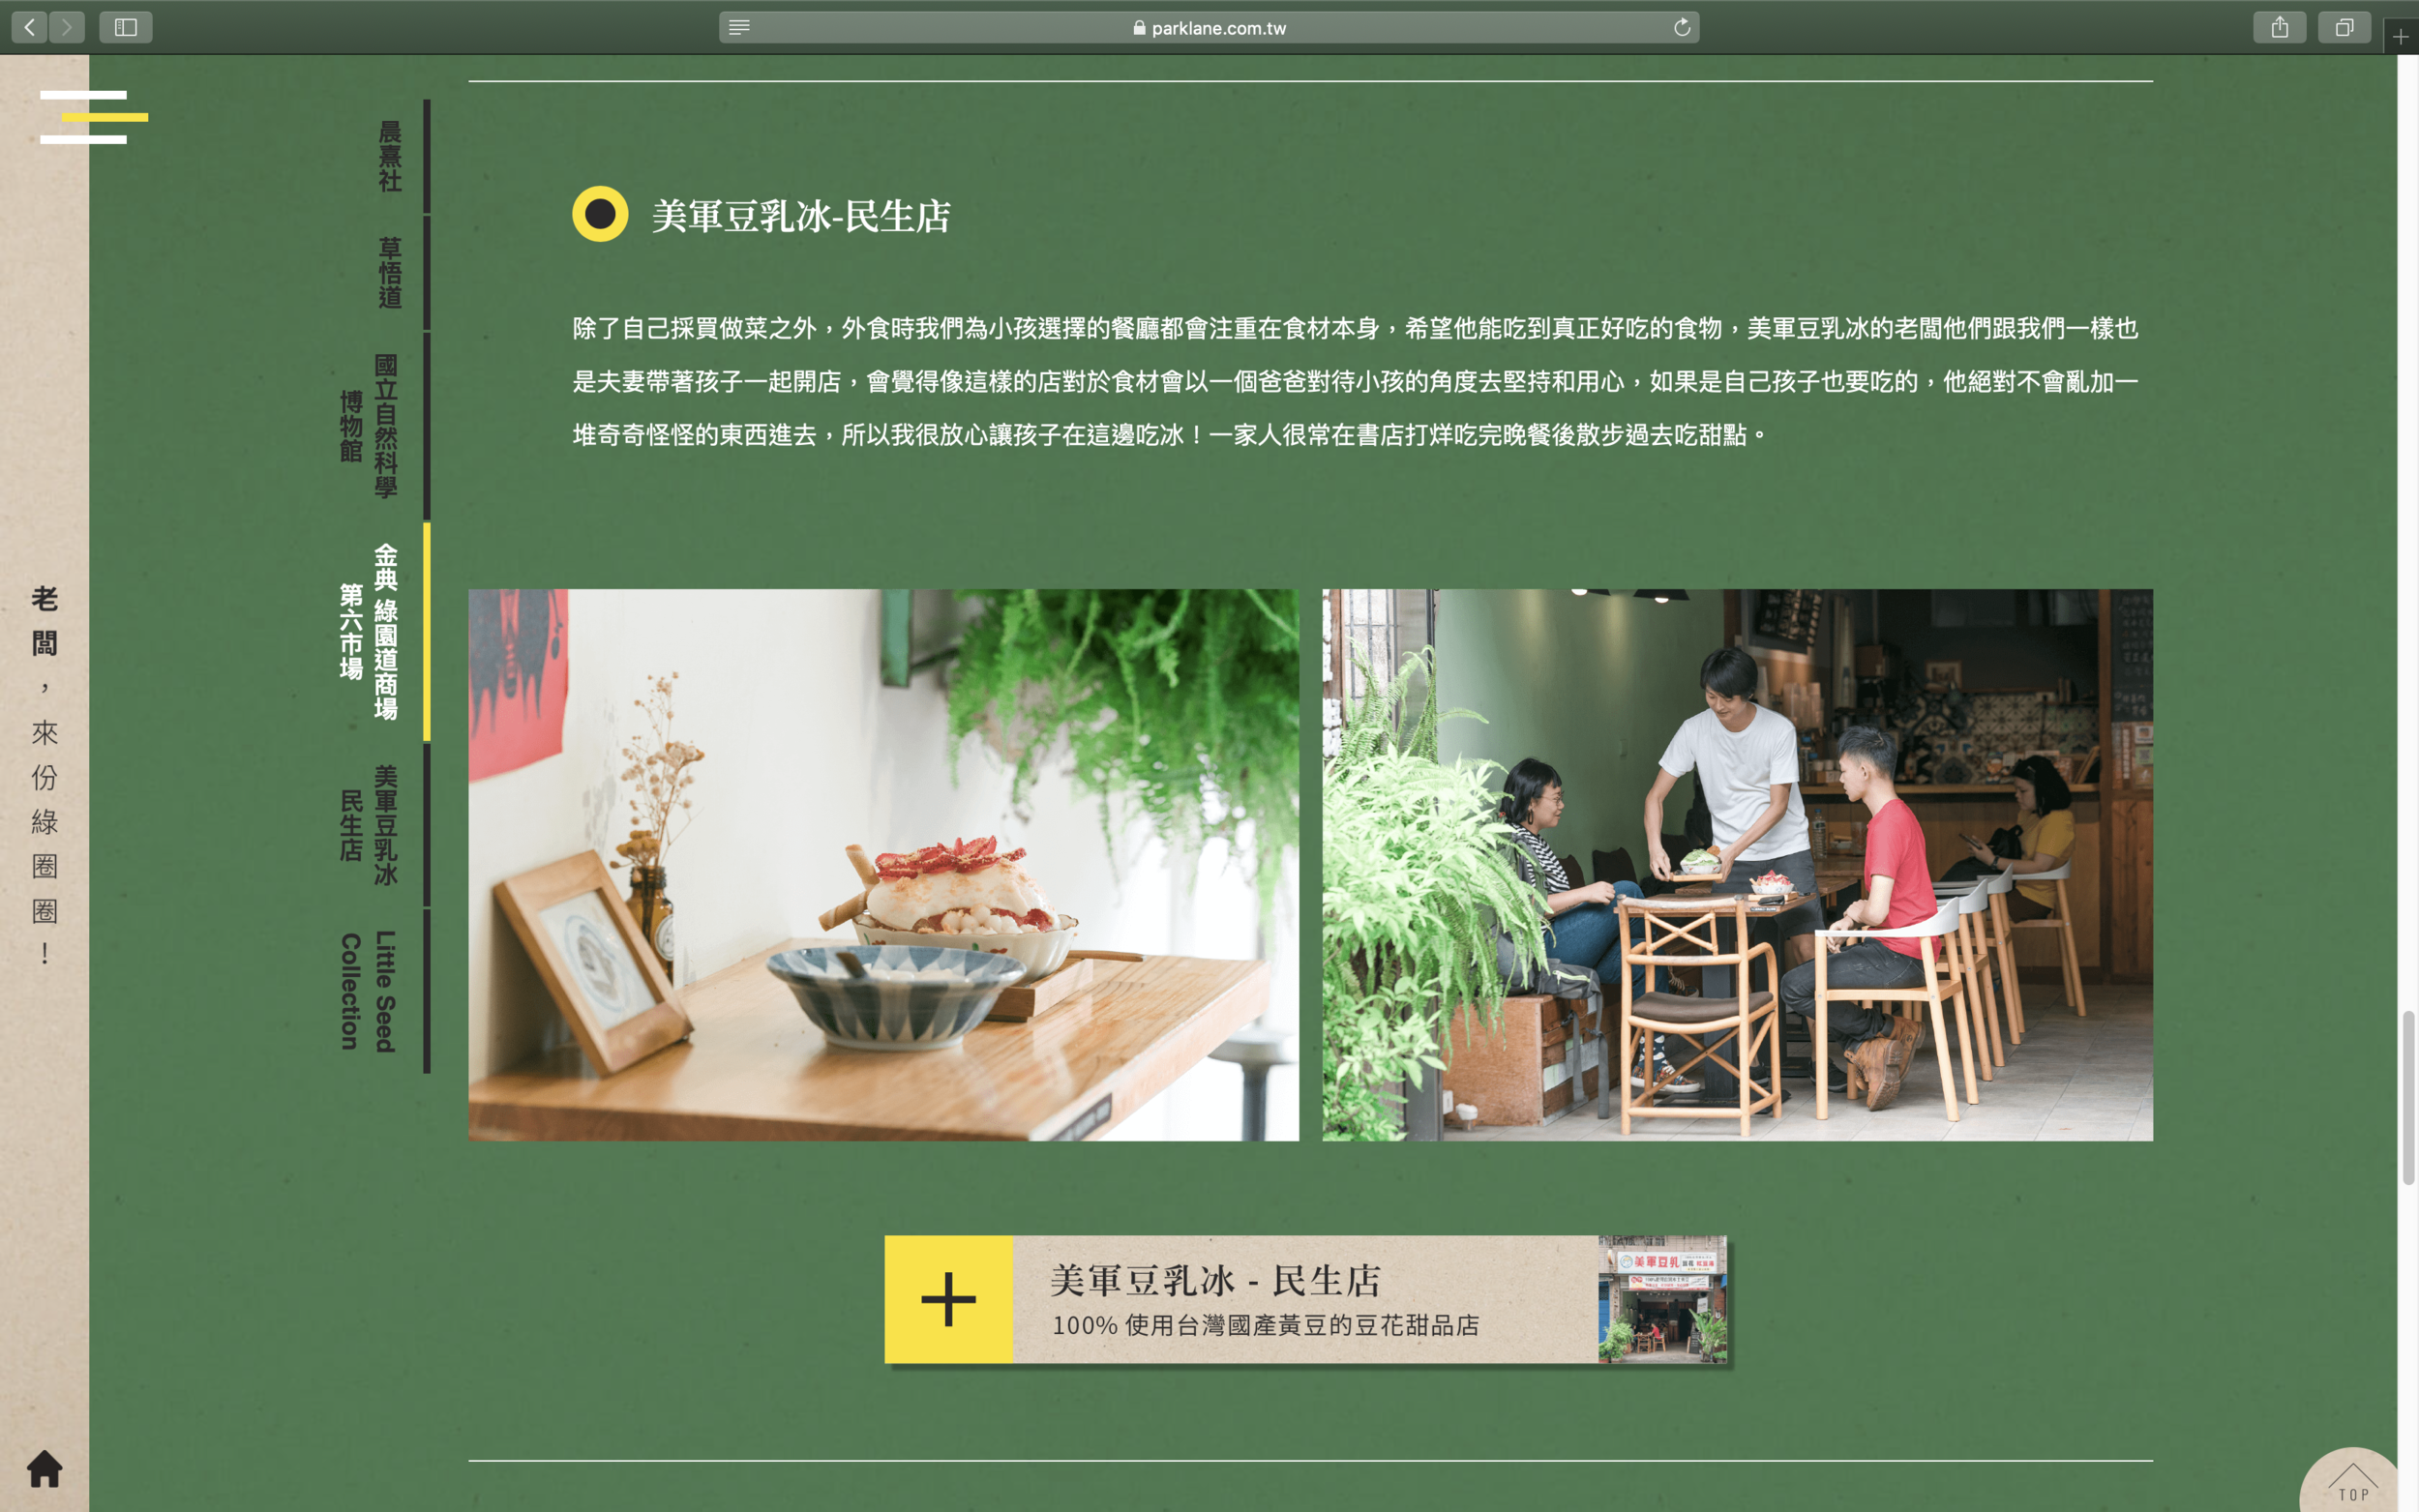 綠圈圈企劃_Web2.png